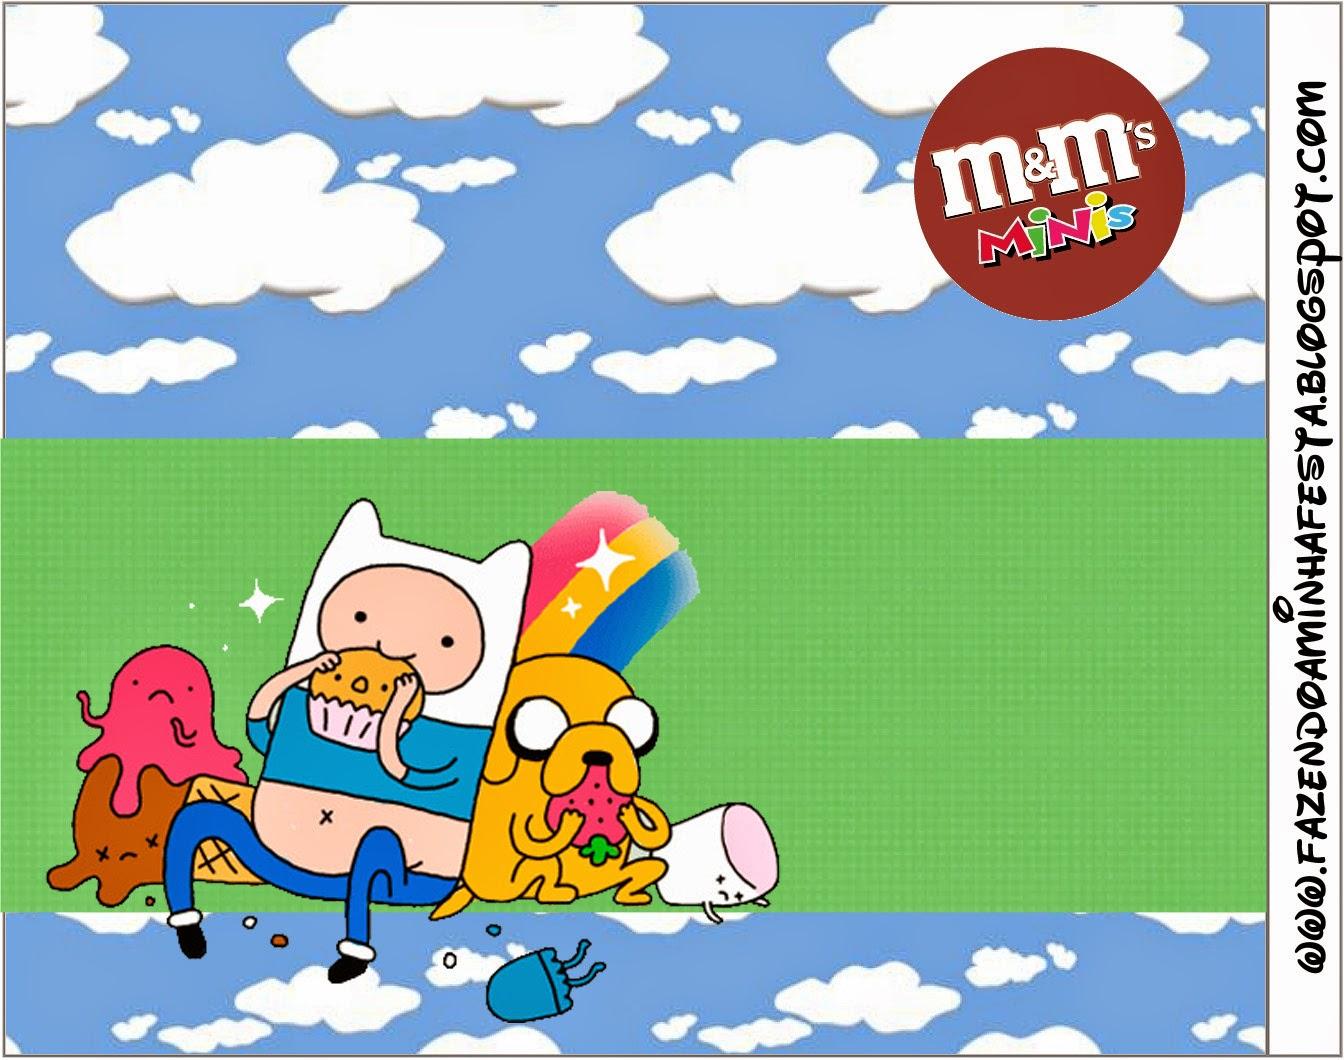 Etiqueta para M and Ms.